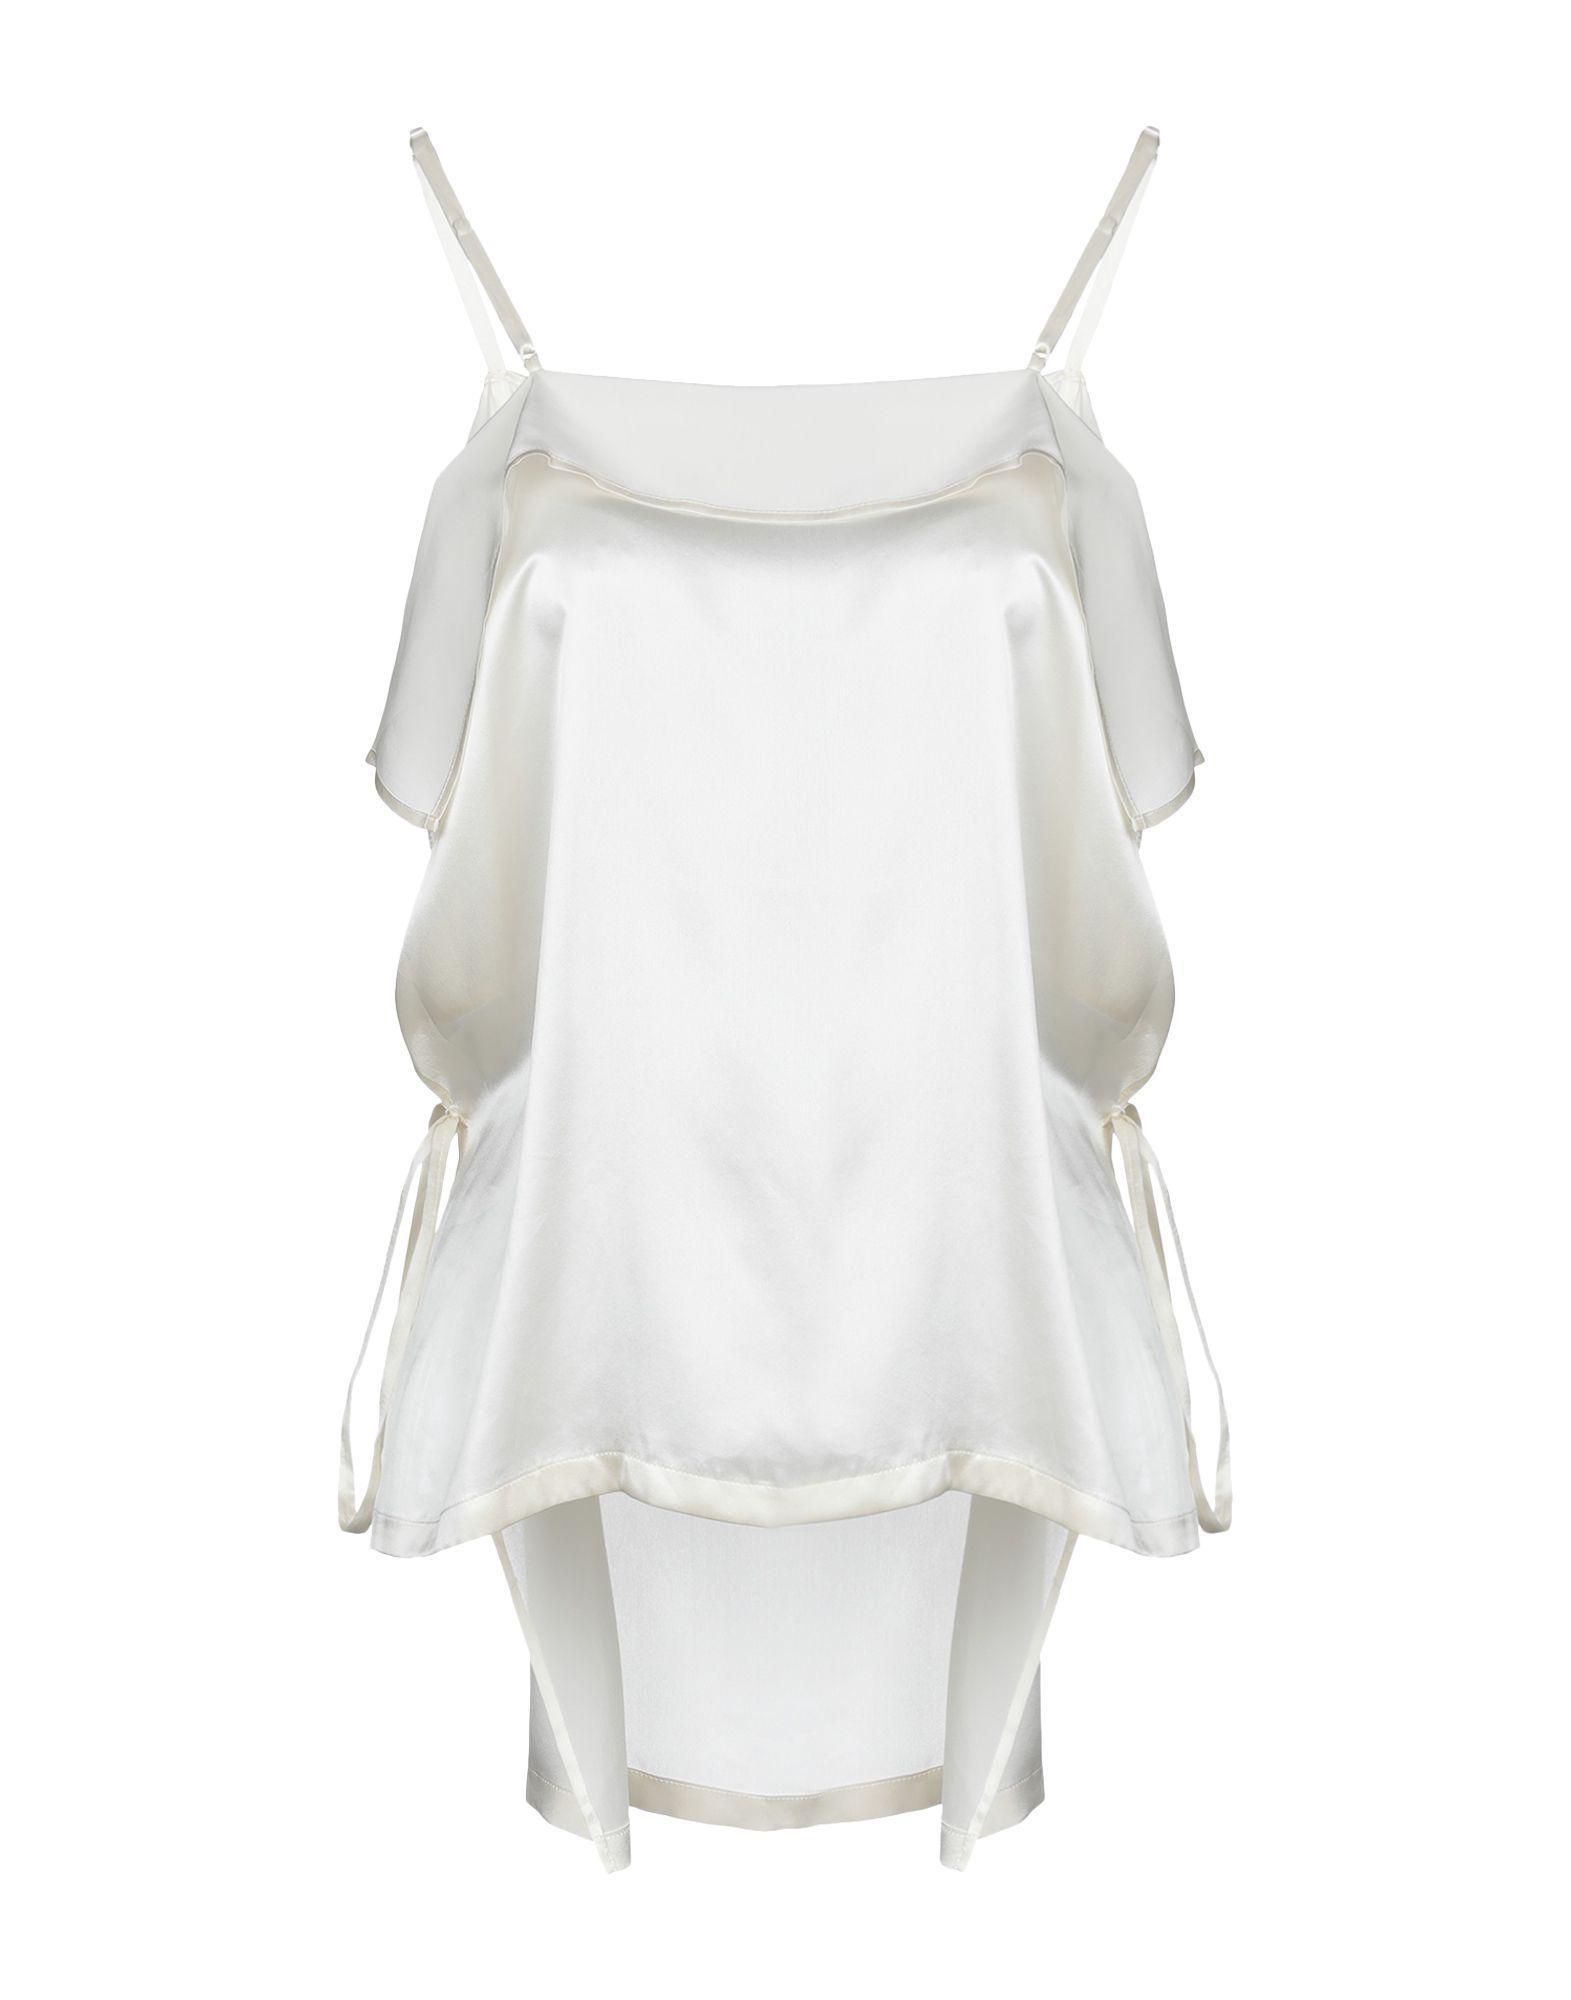 Lyst - Yohji Yamamoto Top in White 1ad0aa4c4a